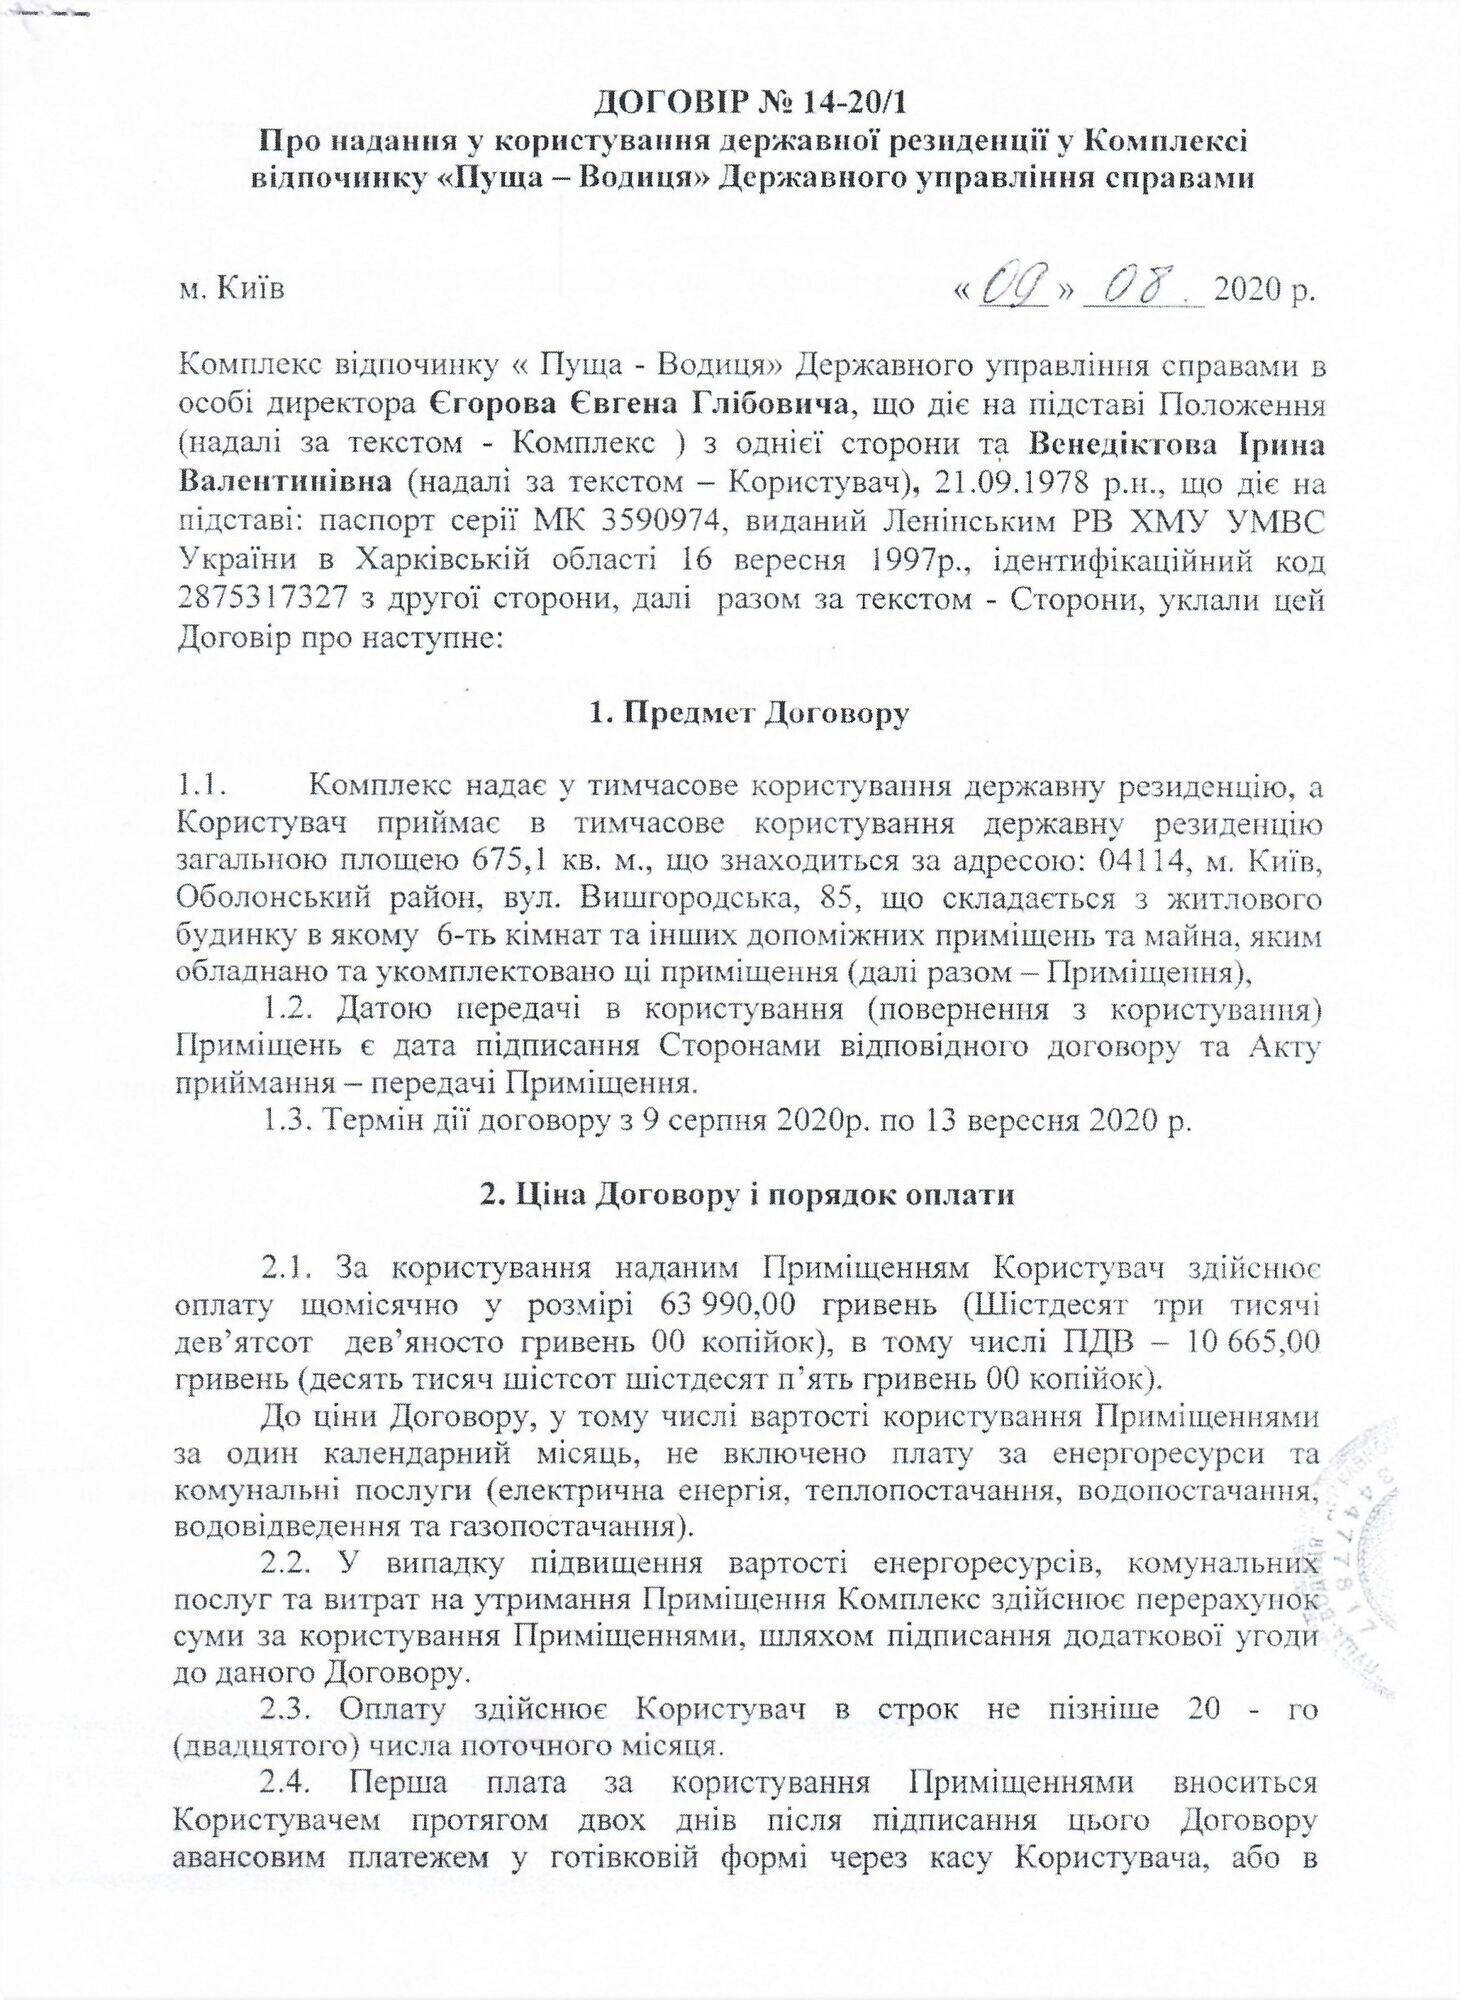 Договор о предоставлении в пользование государственной резиденции.